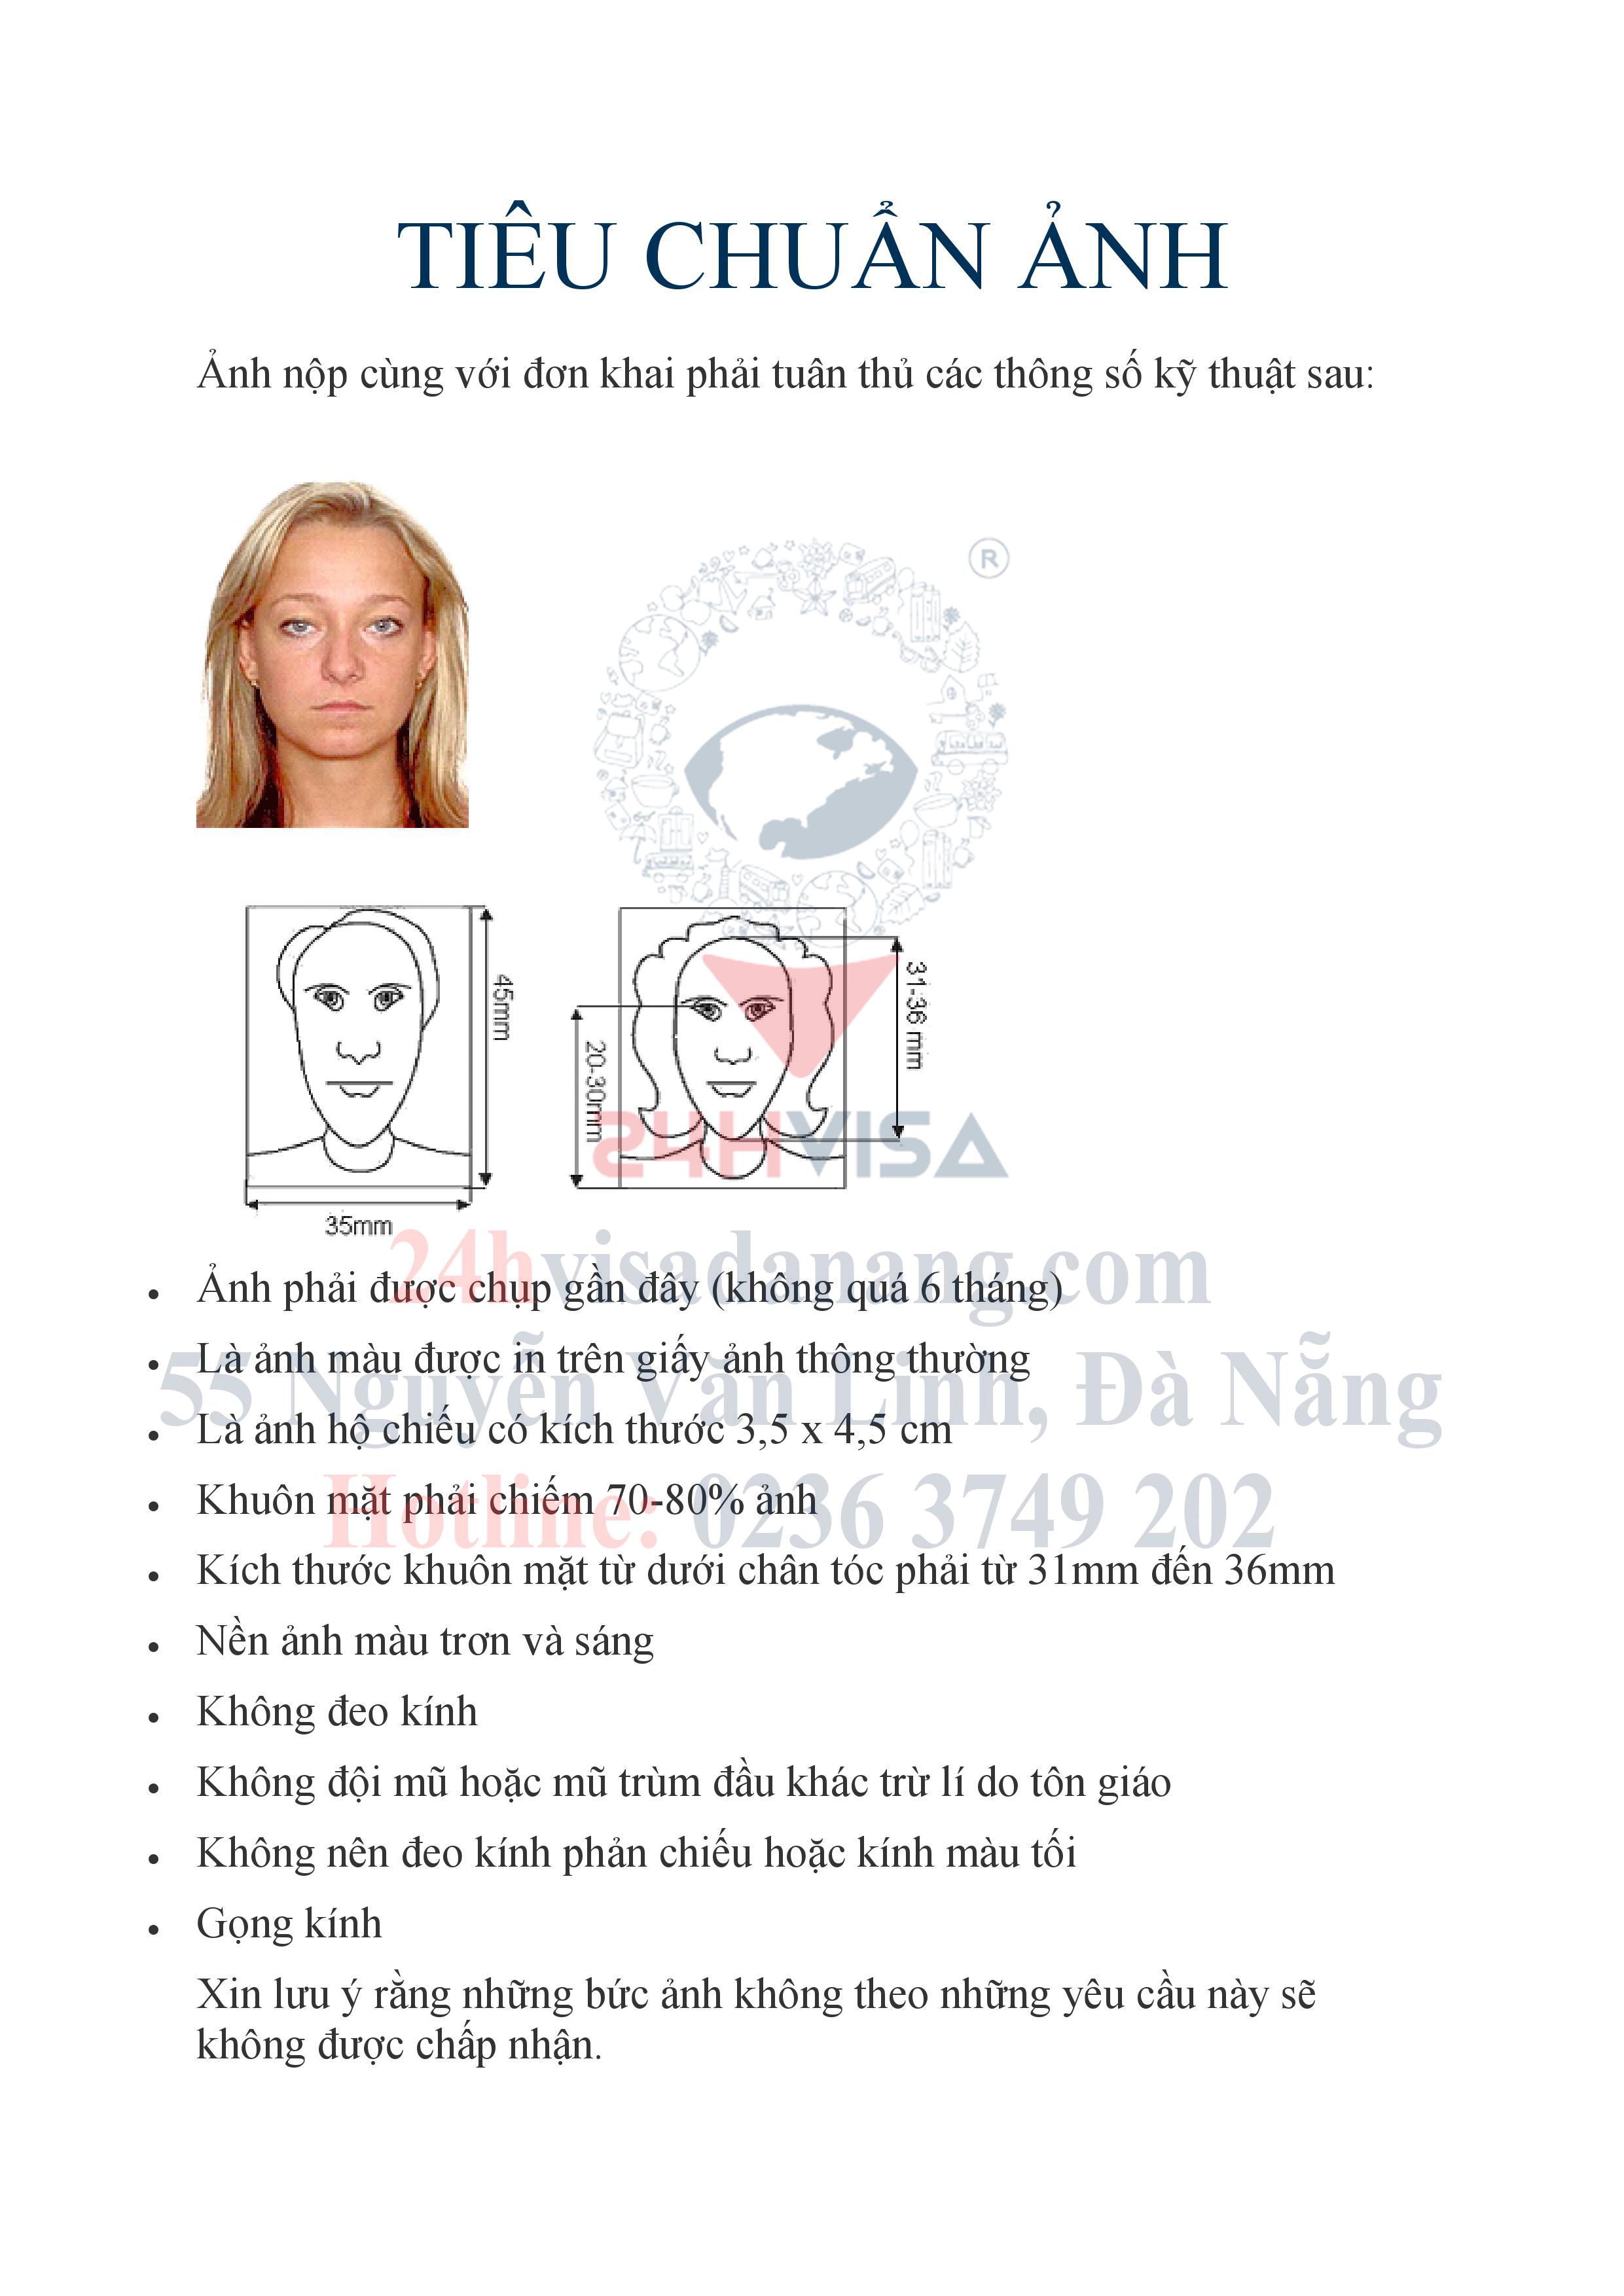 Cả nhà nhớ check lại tiêu chuẩn ảnh mới của Visa Châu Âu nhé, tránh trường hợp chụp lại nhiều lần mất thời gian ✅Liên hệ: 0236 3749 202 hoặc 0905 020 811 ...